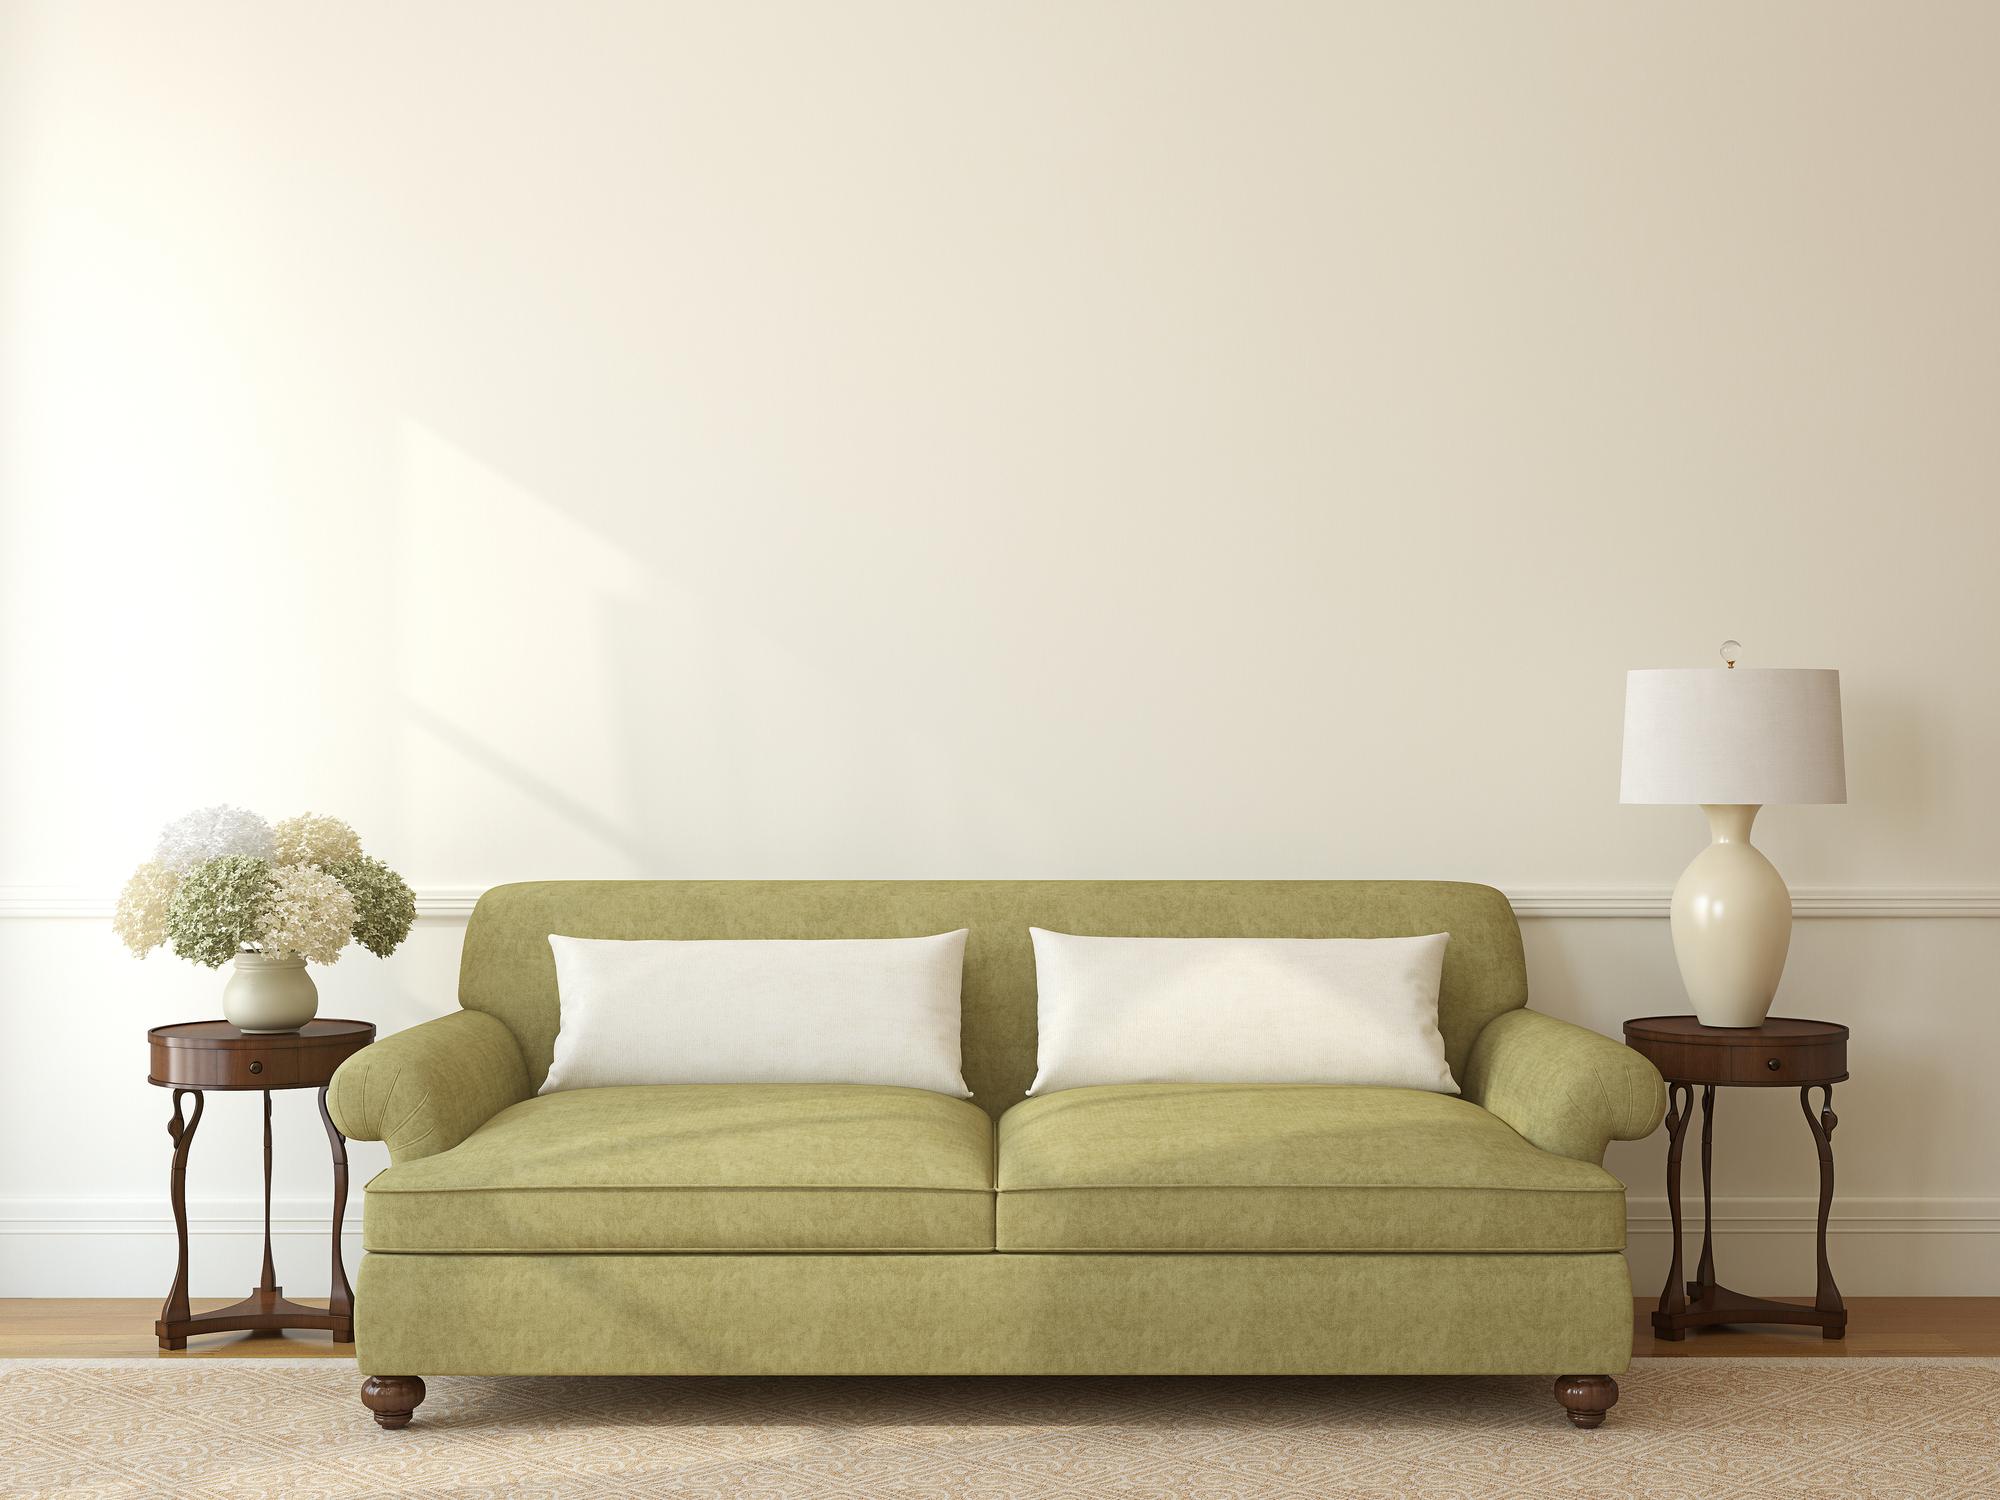 Qu Tela Escoger Para Mi Sof Mobelpark Tienda De Muebles Asturias ~ Limpiar Sofa De Tela Trucos Caseros